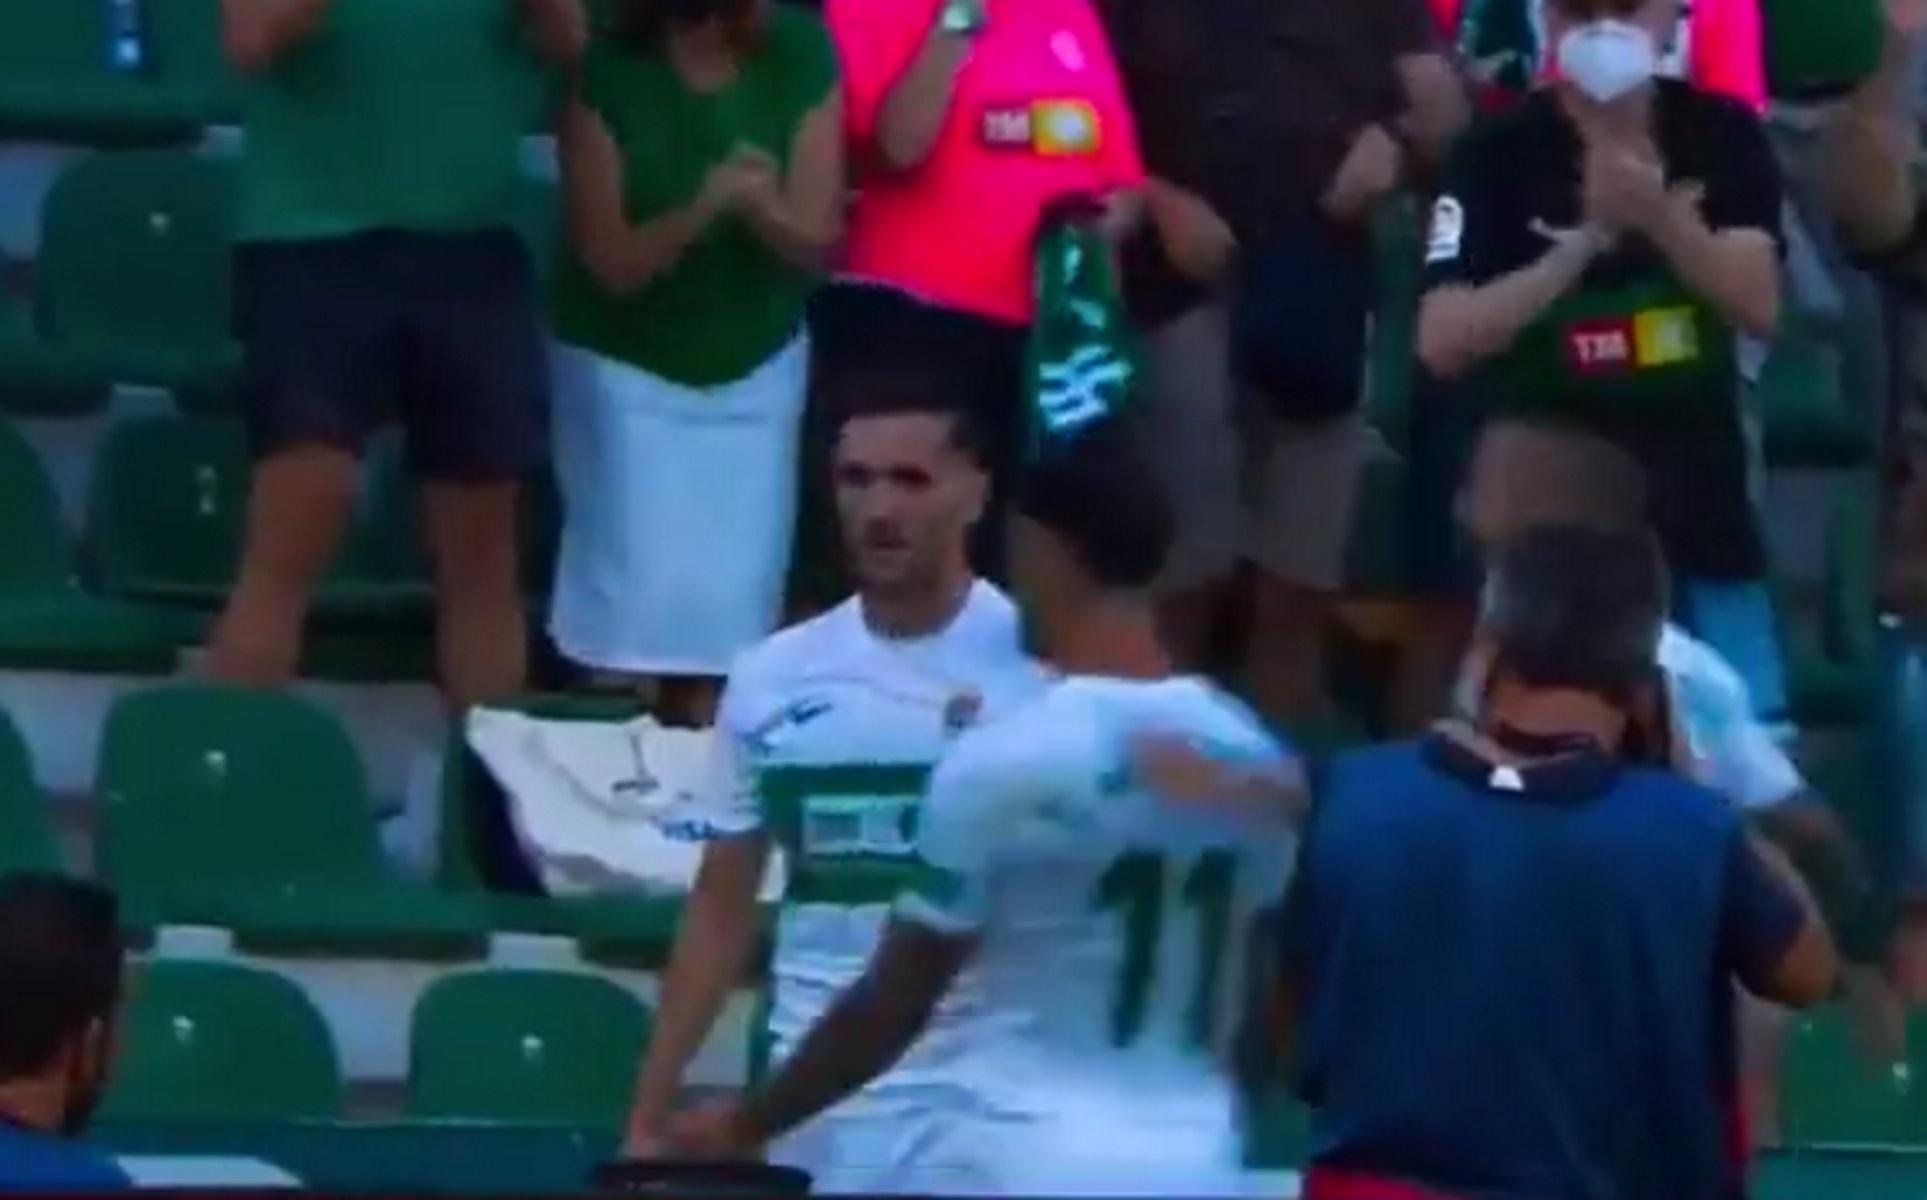 Έλτσε – Χετάφε 1-1: «On fire» ο Λούκας Πέρεθ, νέο γκολ από τον πρώην παίκτη του ΠΑΟΚ στην La Liga